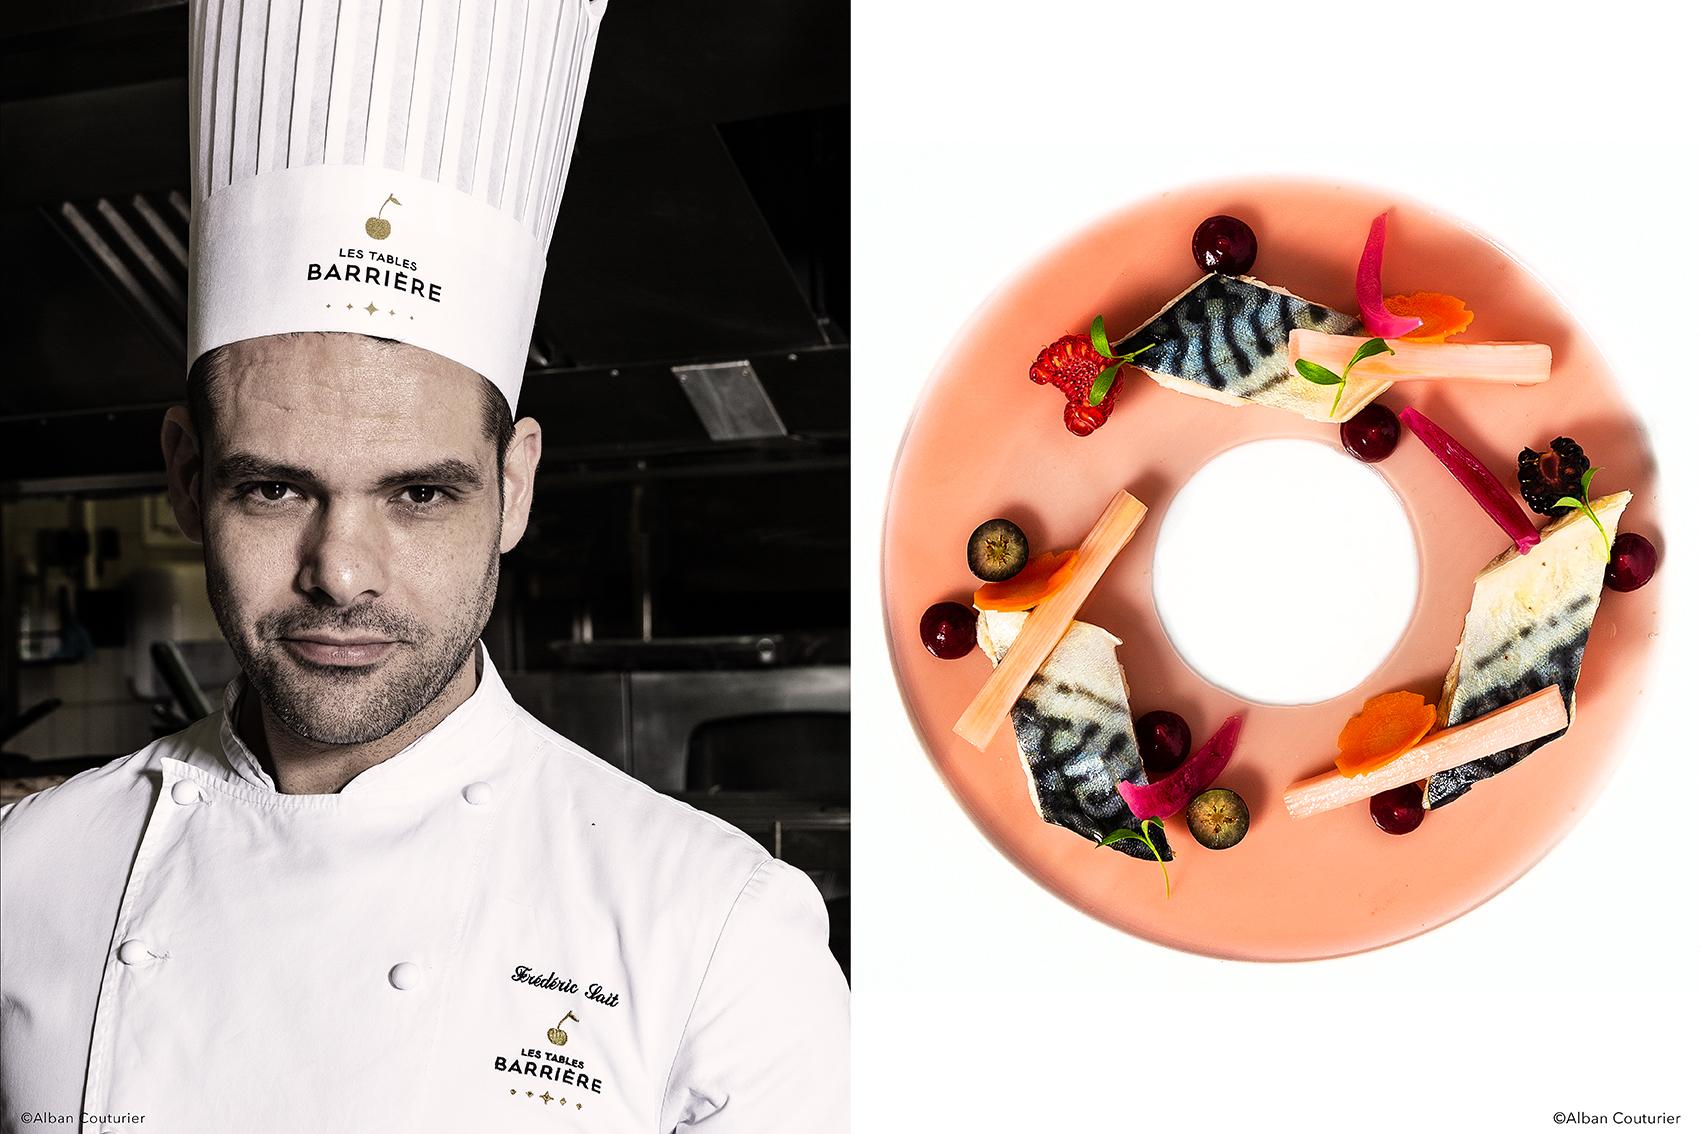 Portrait de Frederic Sait, Chef des Cuisines, Pole Hotelier, Enghien les Bains, Groupe Barriere, recette Maquereau et Pickles, ©Alban Couturier